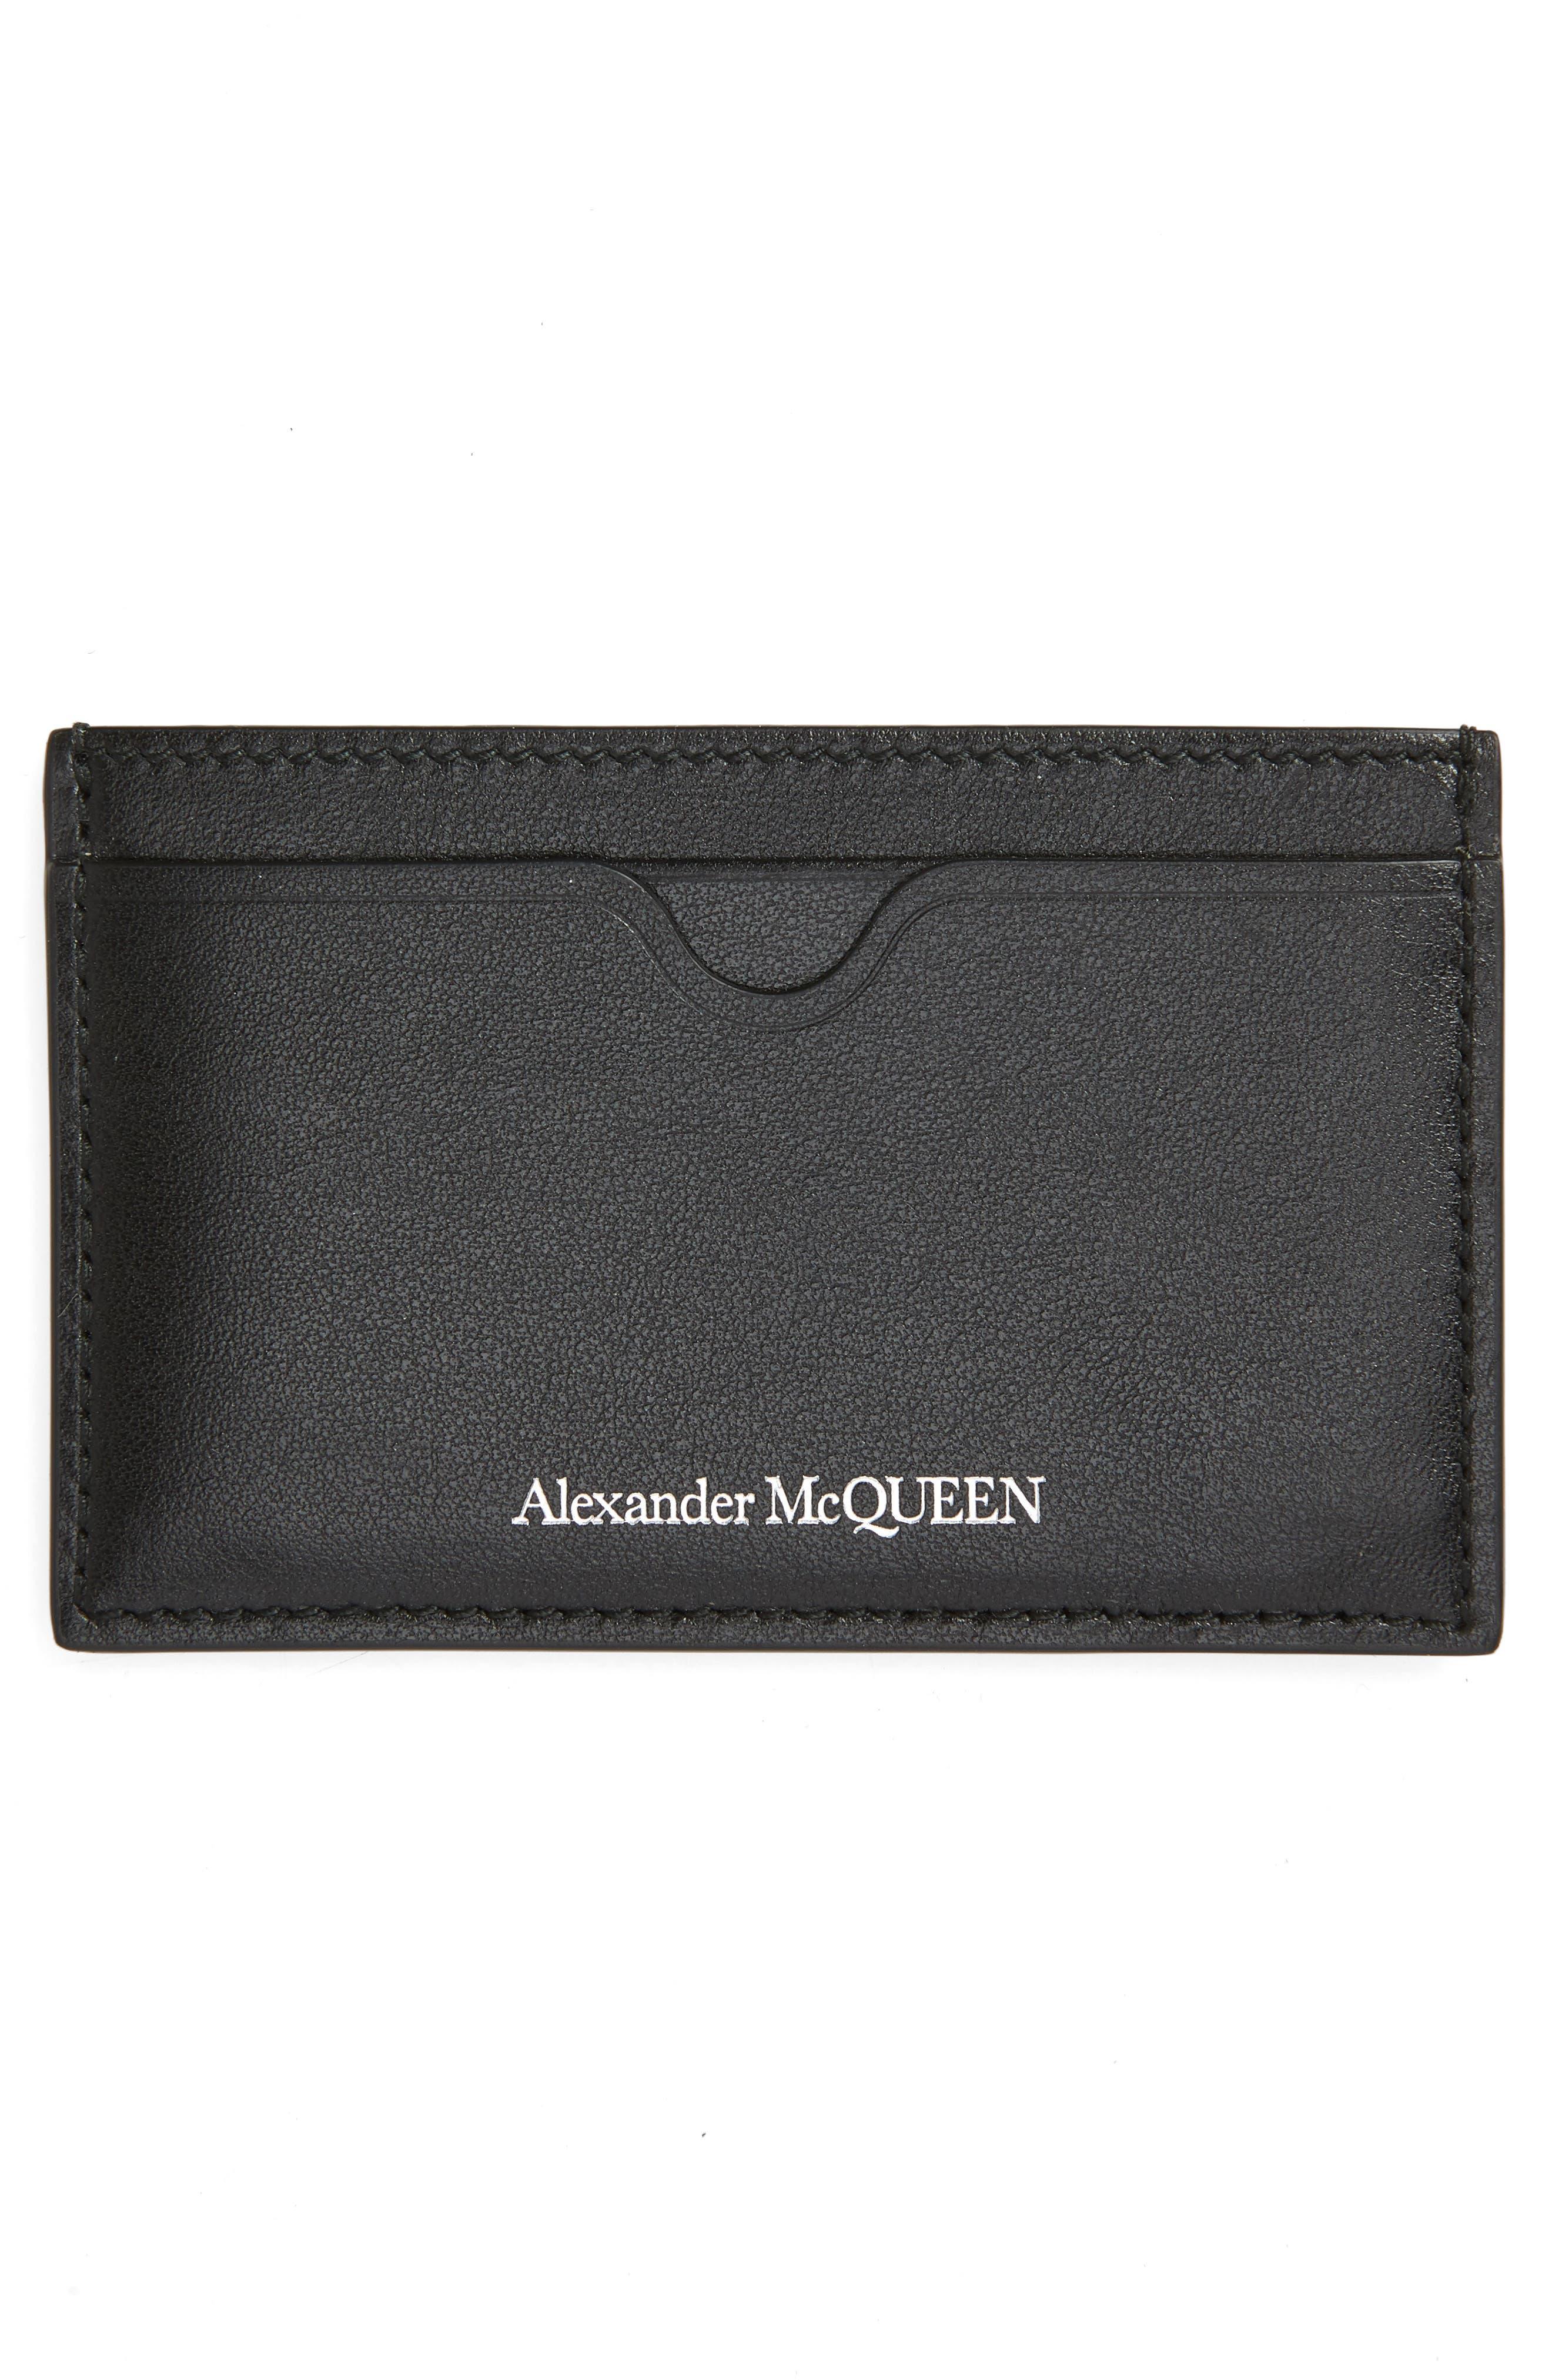 ALEXANDER MCQUEEN, Skull Leather Card Case, Alternate thumbnail 2, color, BLACK/ WHITE